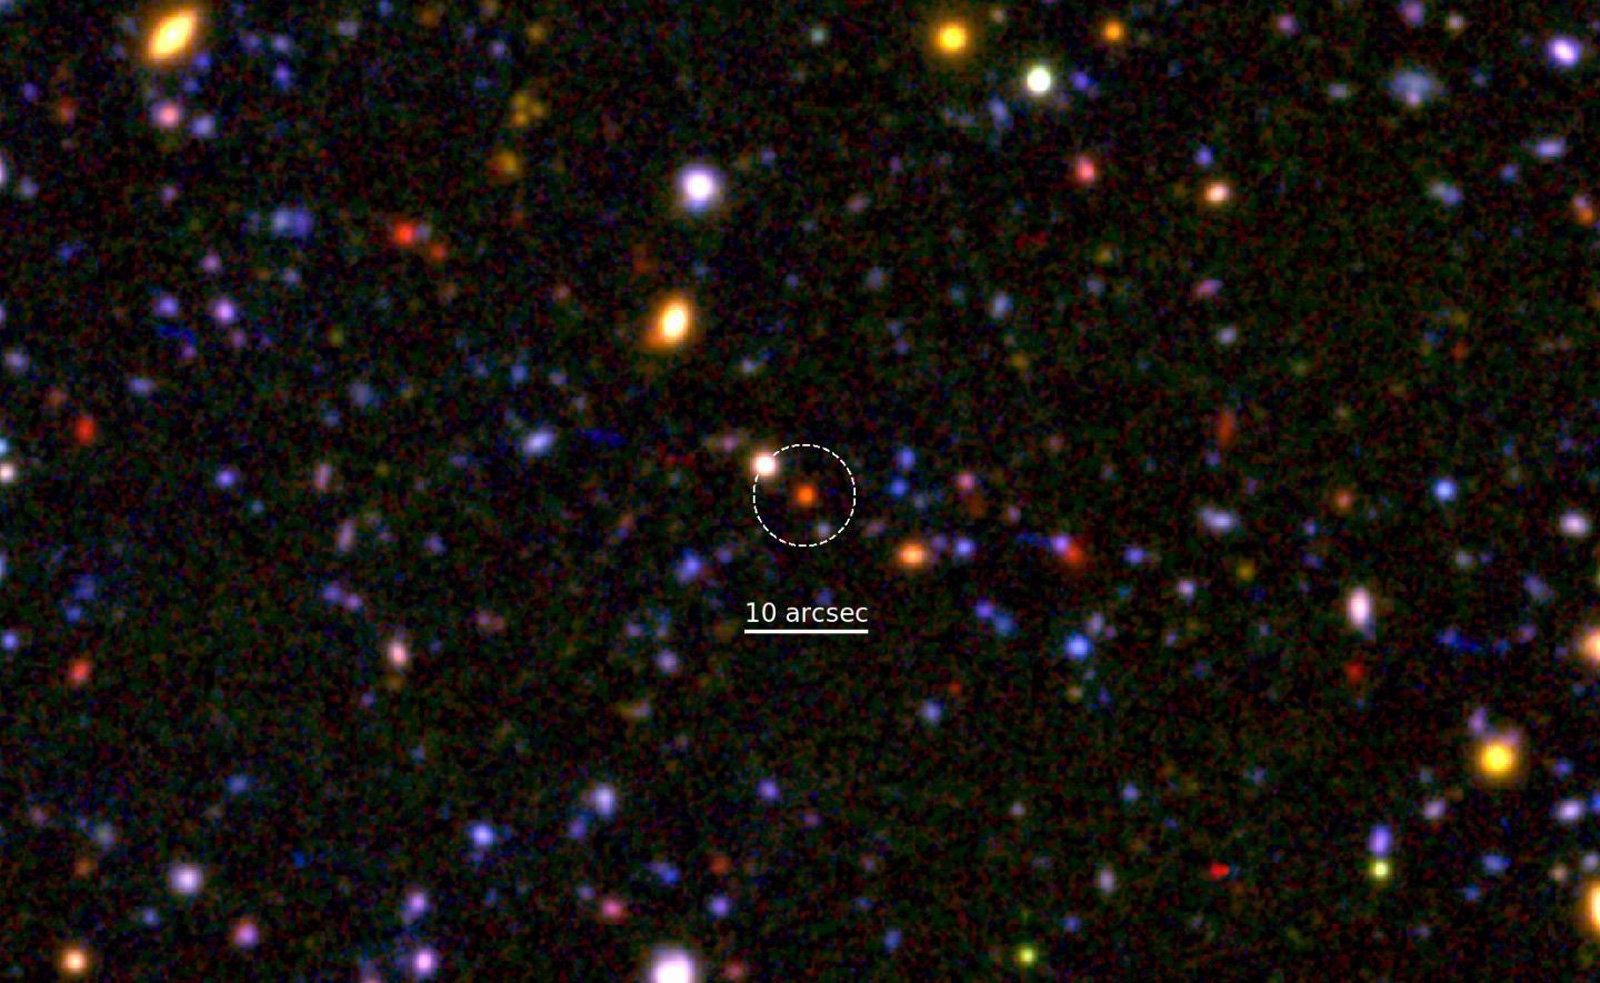 عمر کهکشانهای اولیه احتمالا بسیار کوتاه است